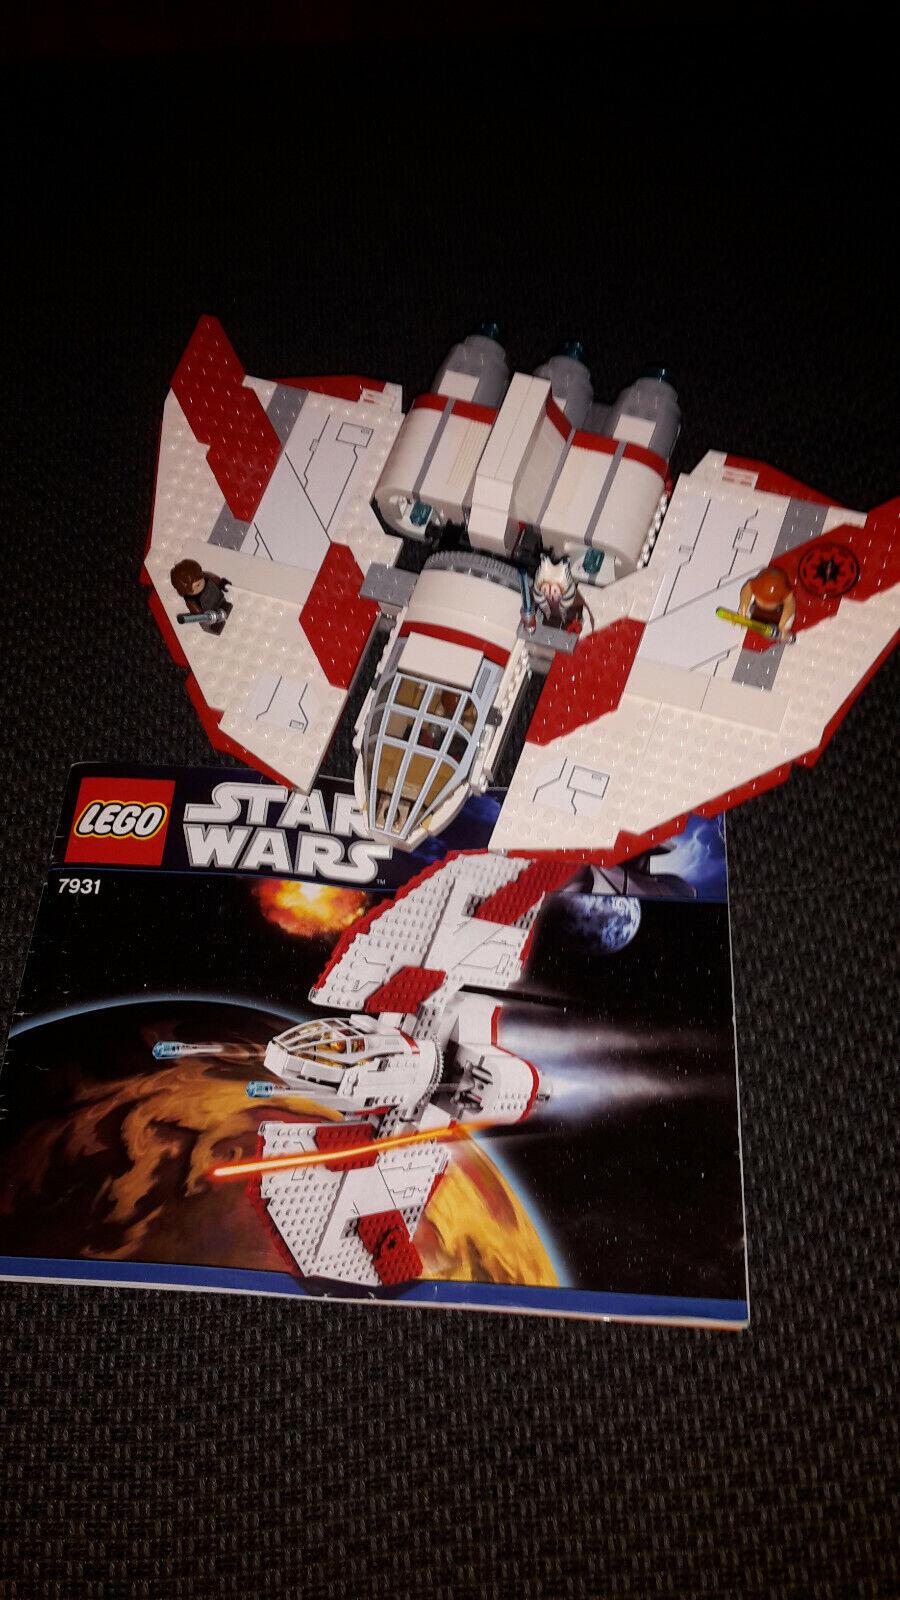 Lego Star Wars Jedi Shuttle 7931